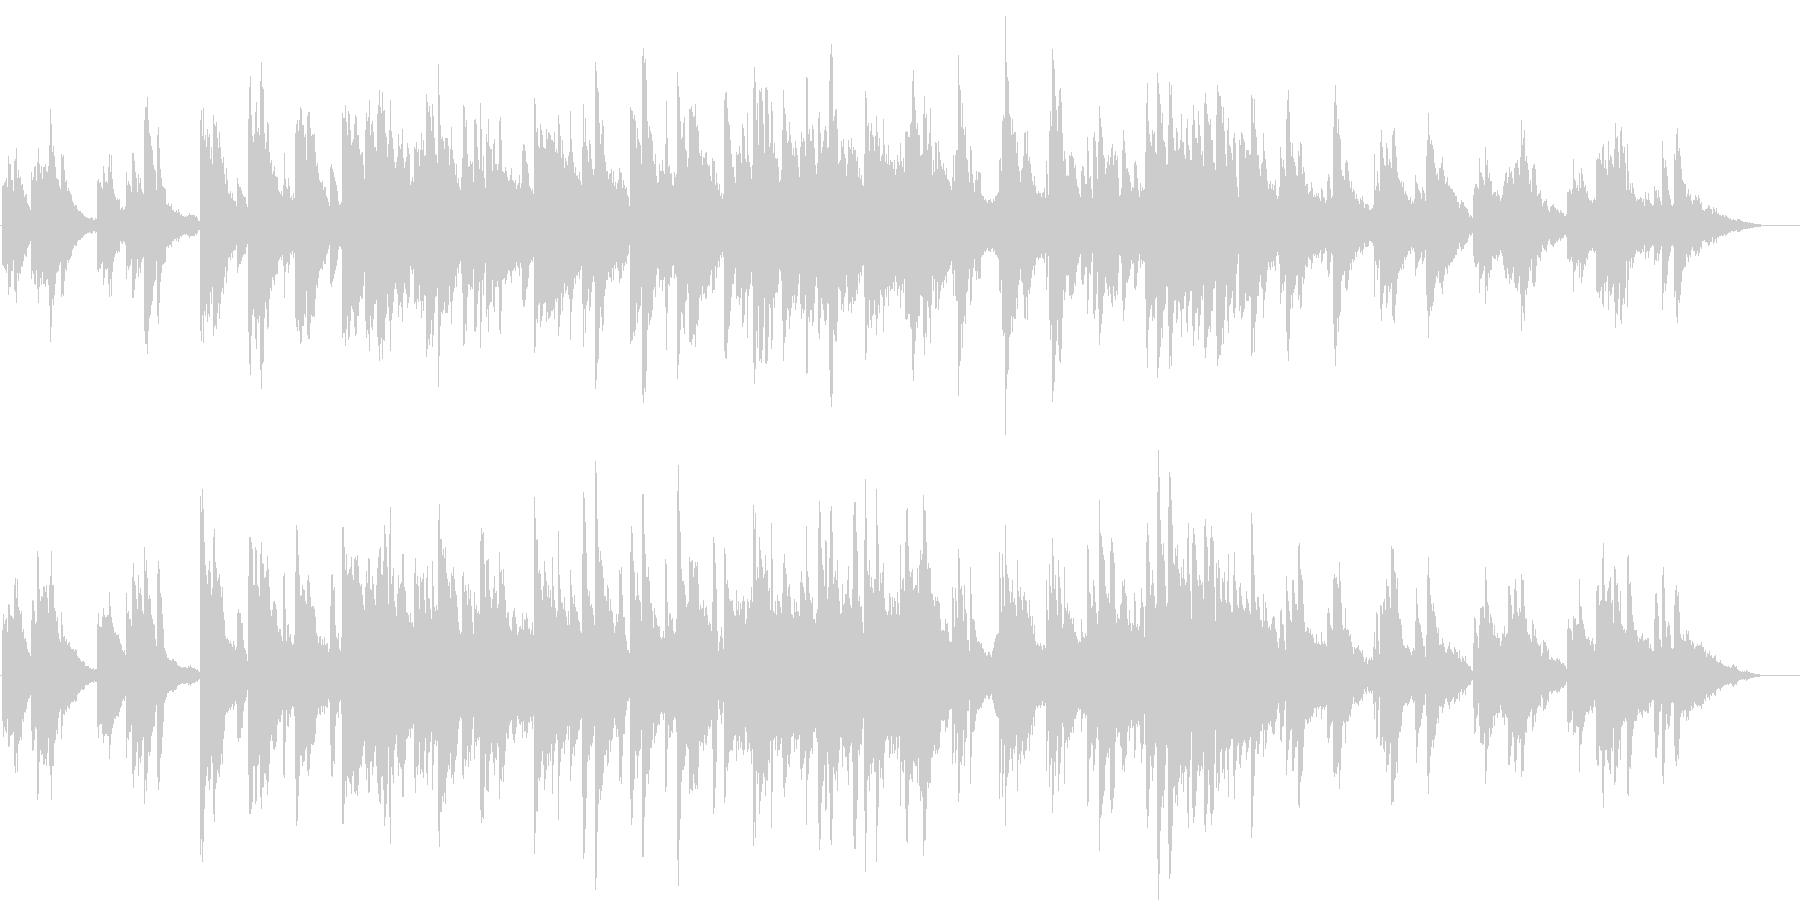 ピアノとストリングスの優しい曲03の未再生の波形